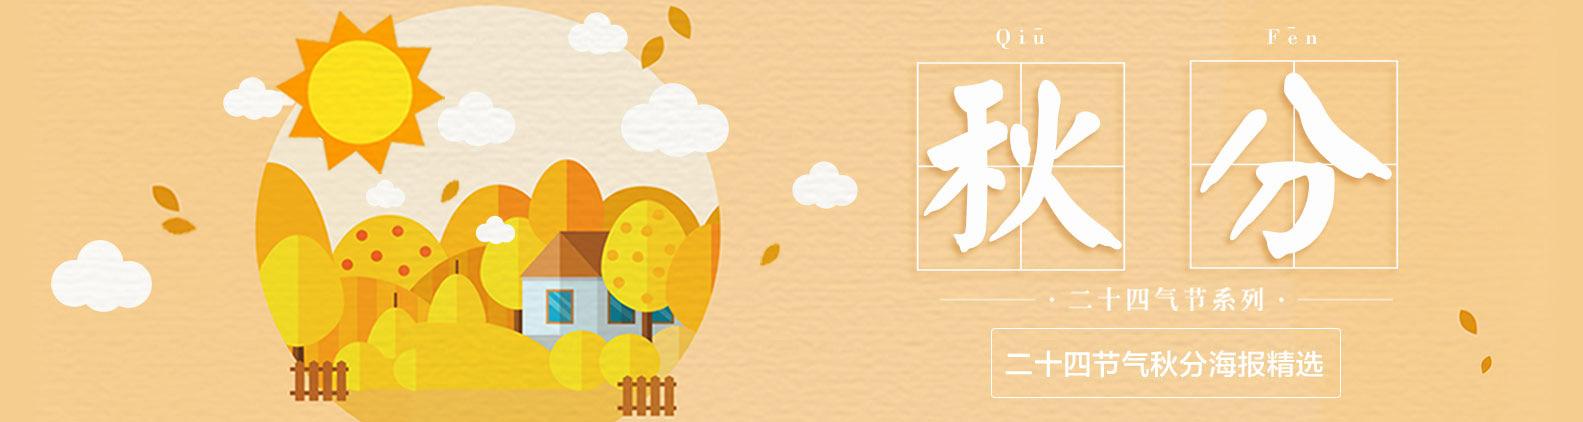 【海报】秋分海报